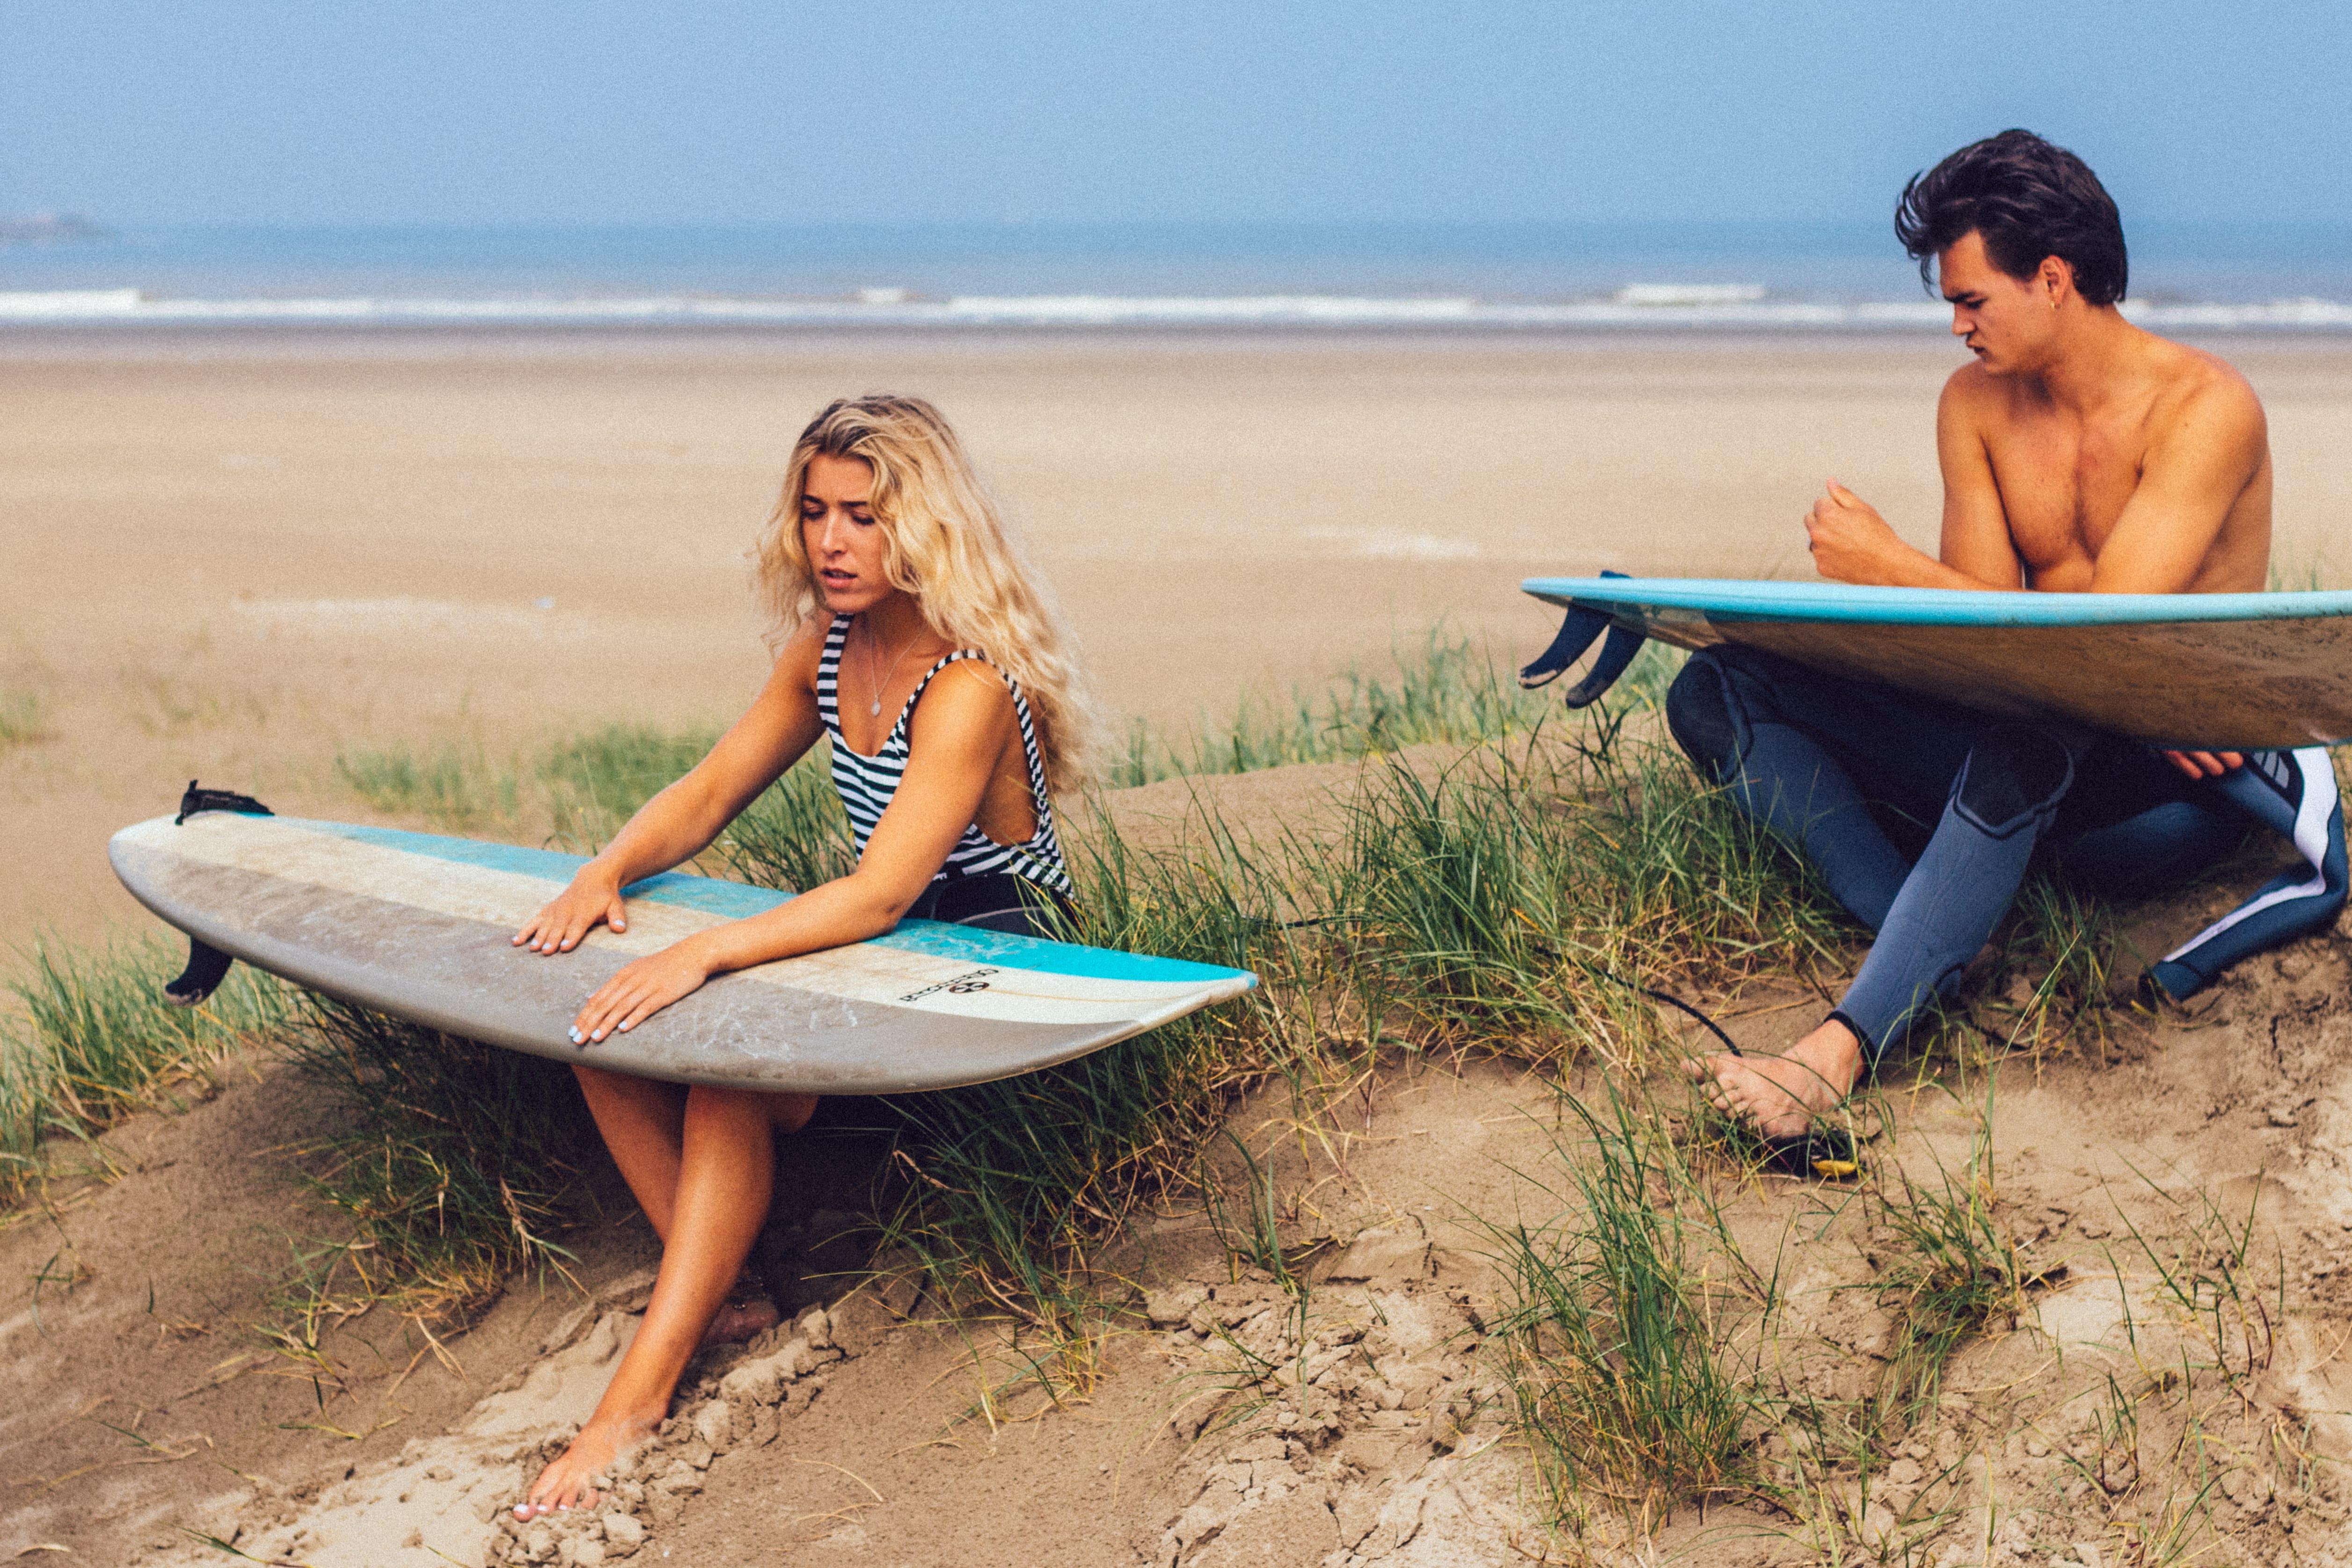 Eine Frau und ein Mann sitzen mit Surfboards am Strand